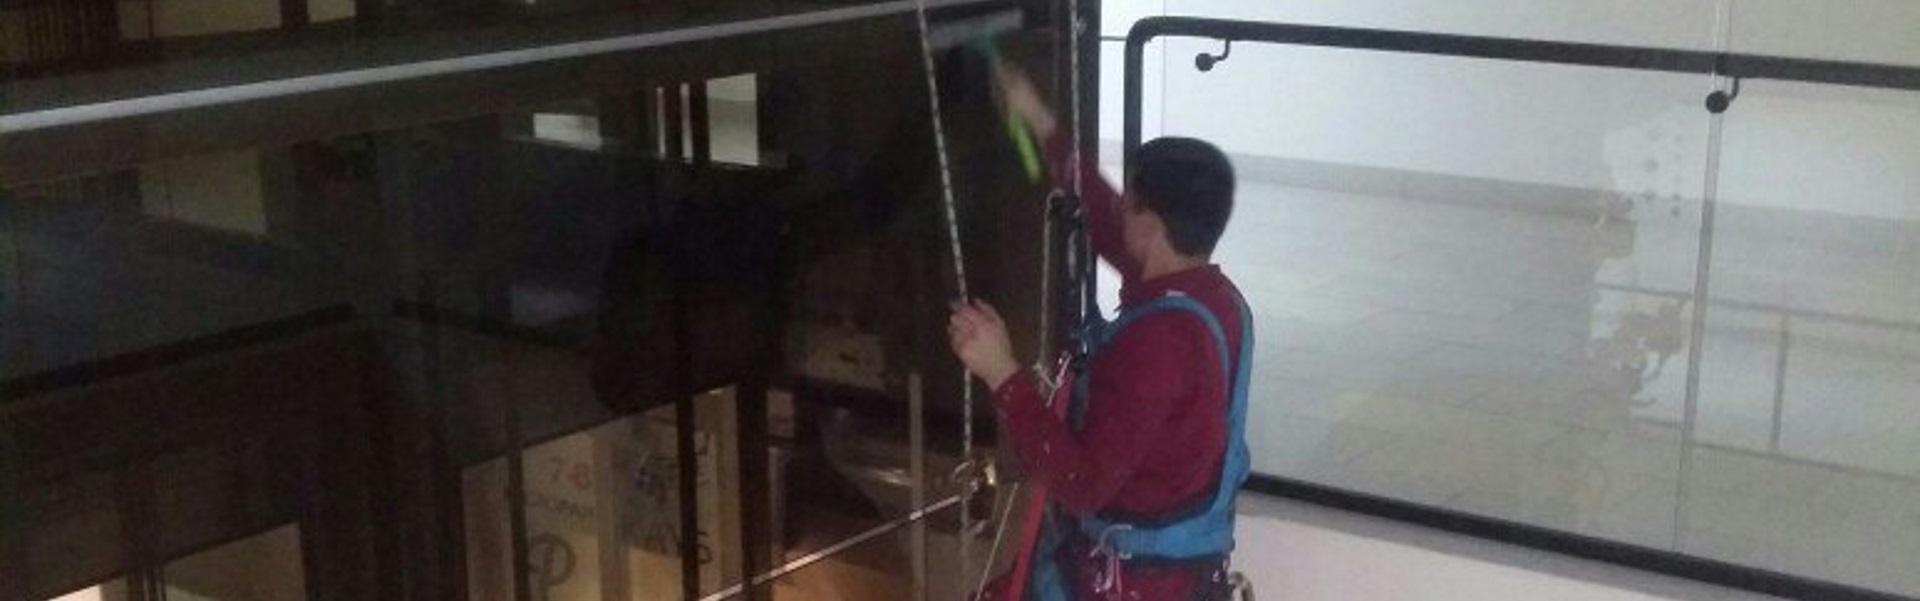 Миття ліфта в торгівельному центрі  Роксолана. Львів.